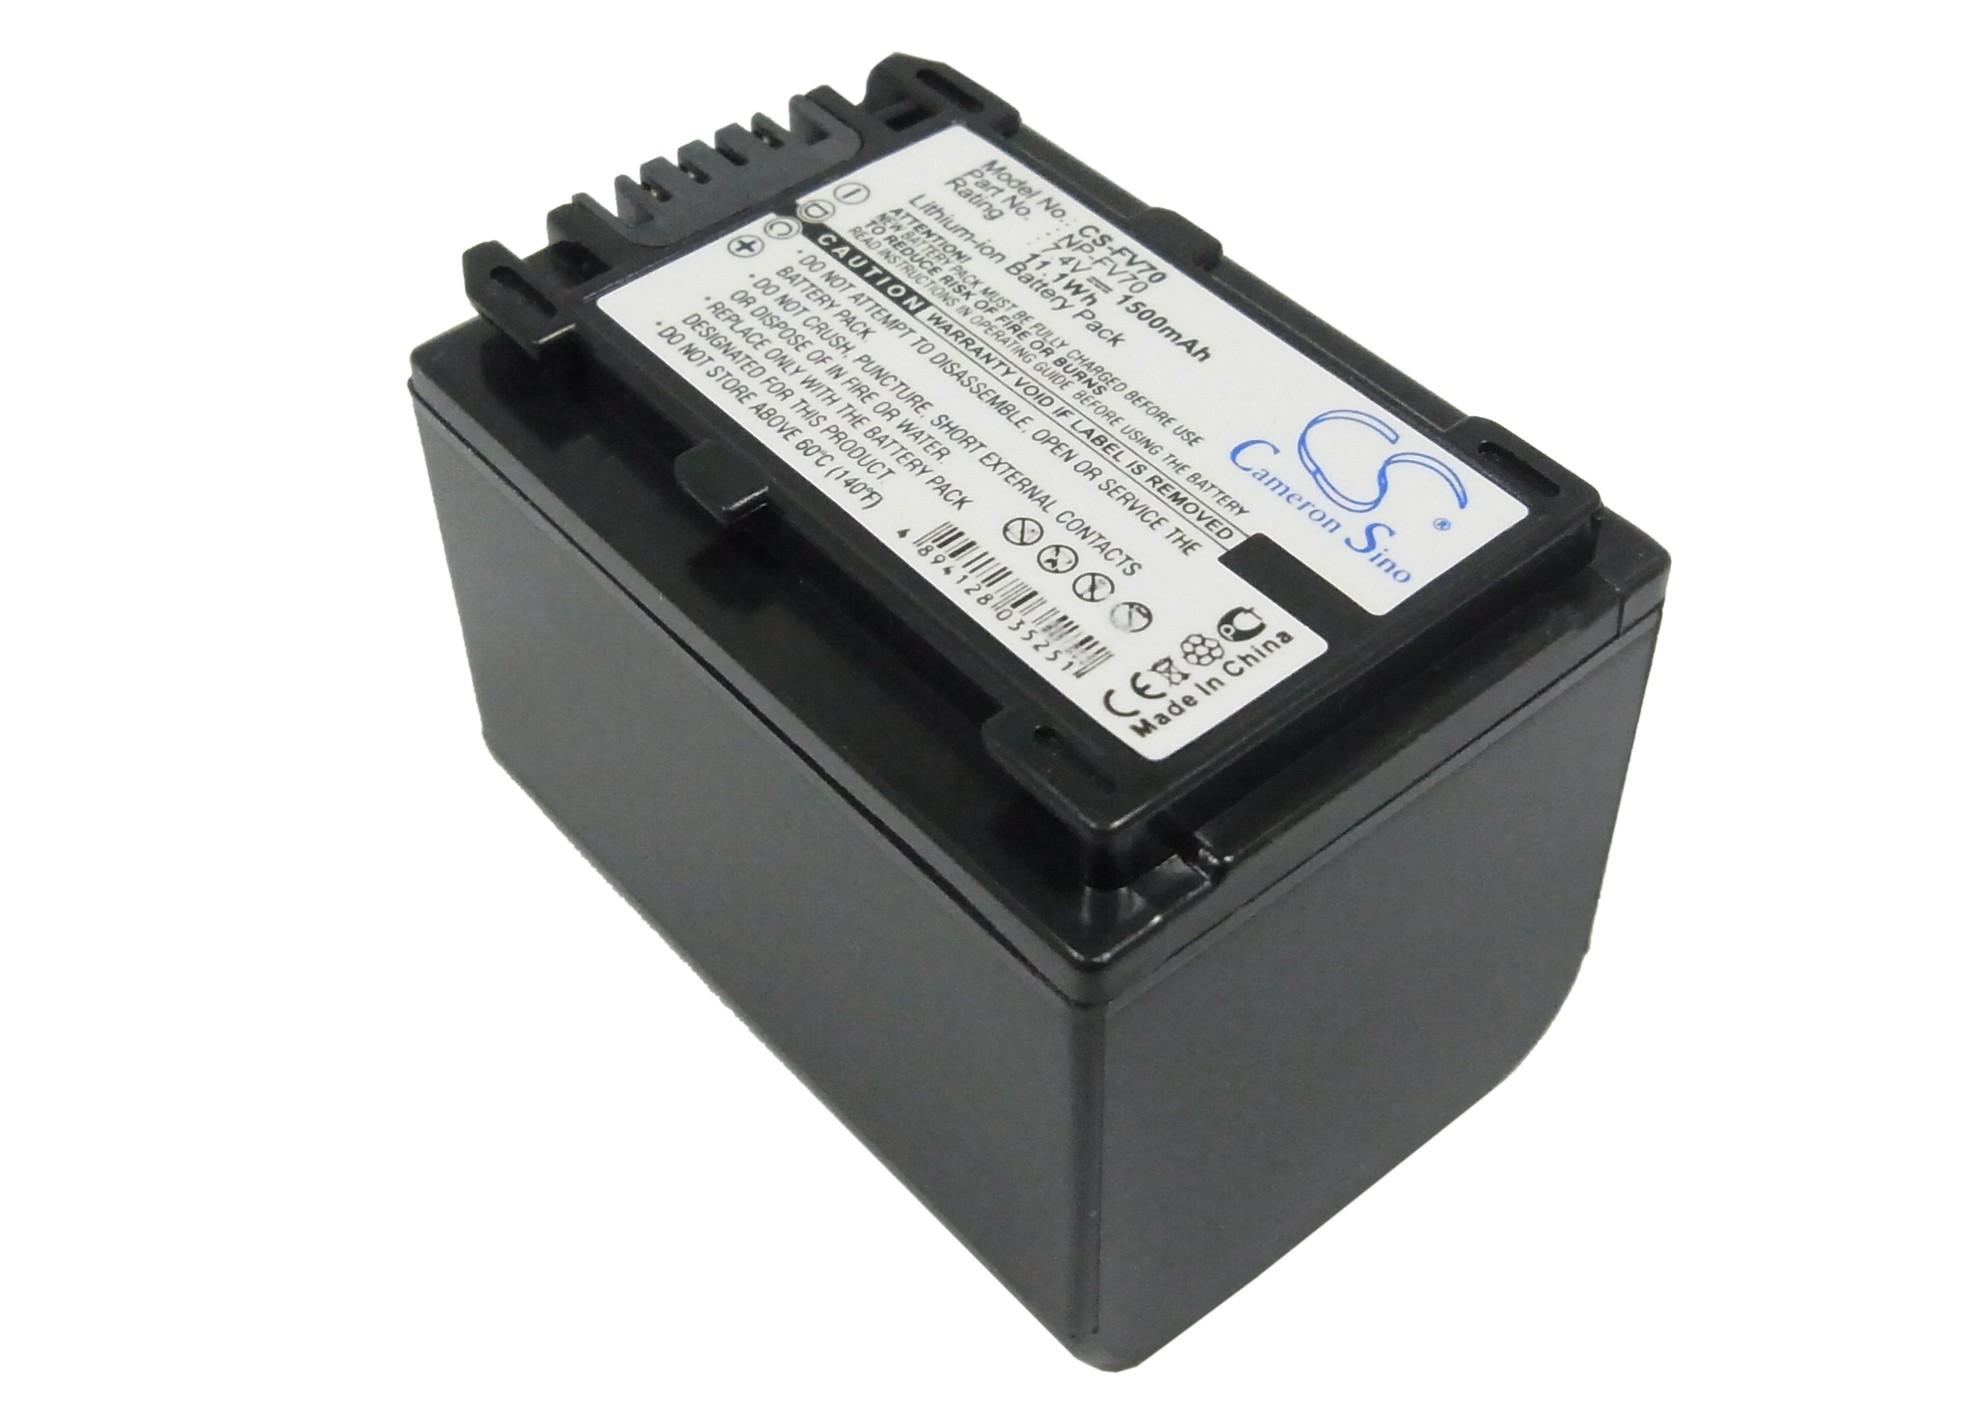 Cameron Sino baterie do kamer a fotoaparátů pro SONY HDR-XR550V 7.4V Li-ion 1500mAh černá - neoriginální